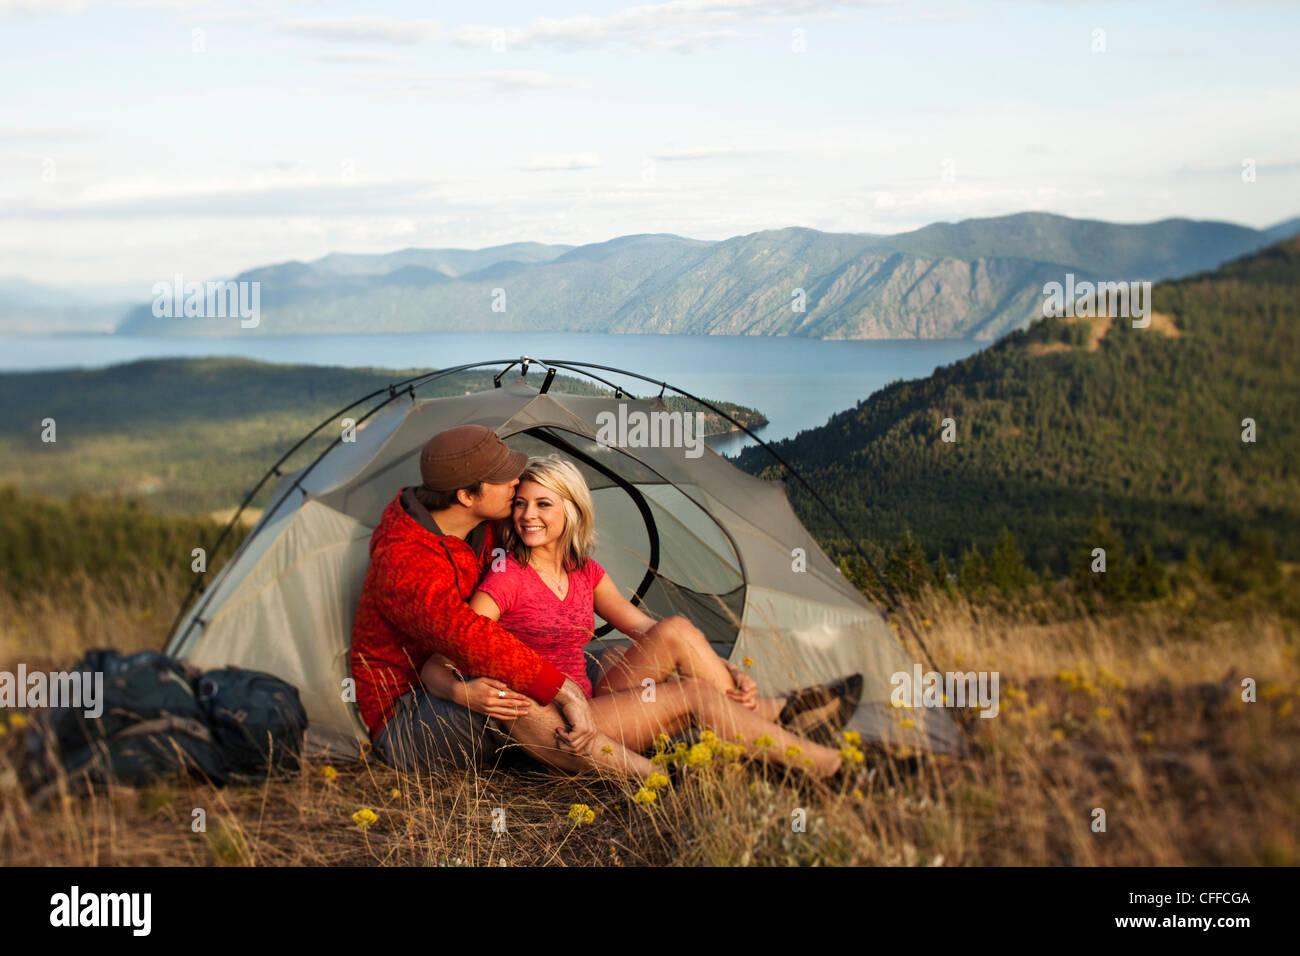 Un couple heureux sourire et rire sur un voyage de camping et randonnée dans l'Idaho. Photo Stock